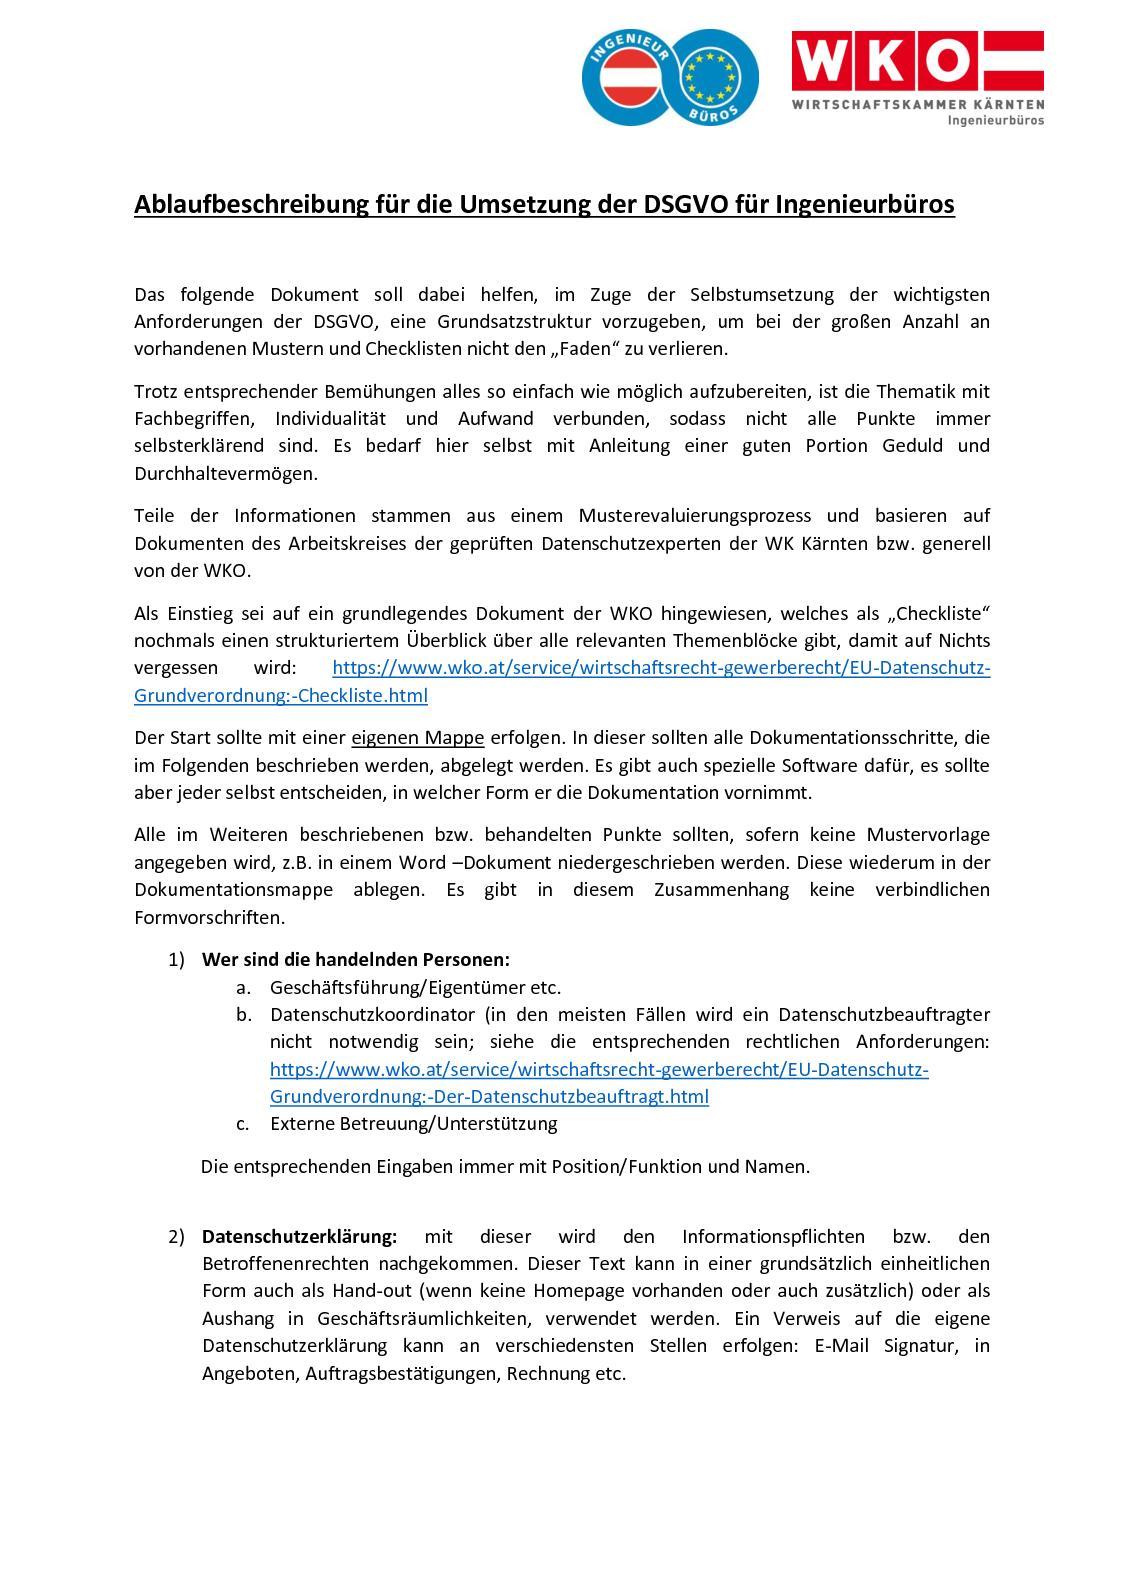 calamo ablaufbeschreibung fr die umsetzung der dsgvo fr ingenieurbros - Datenschutzerklarung Muster